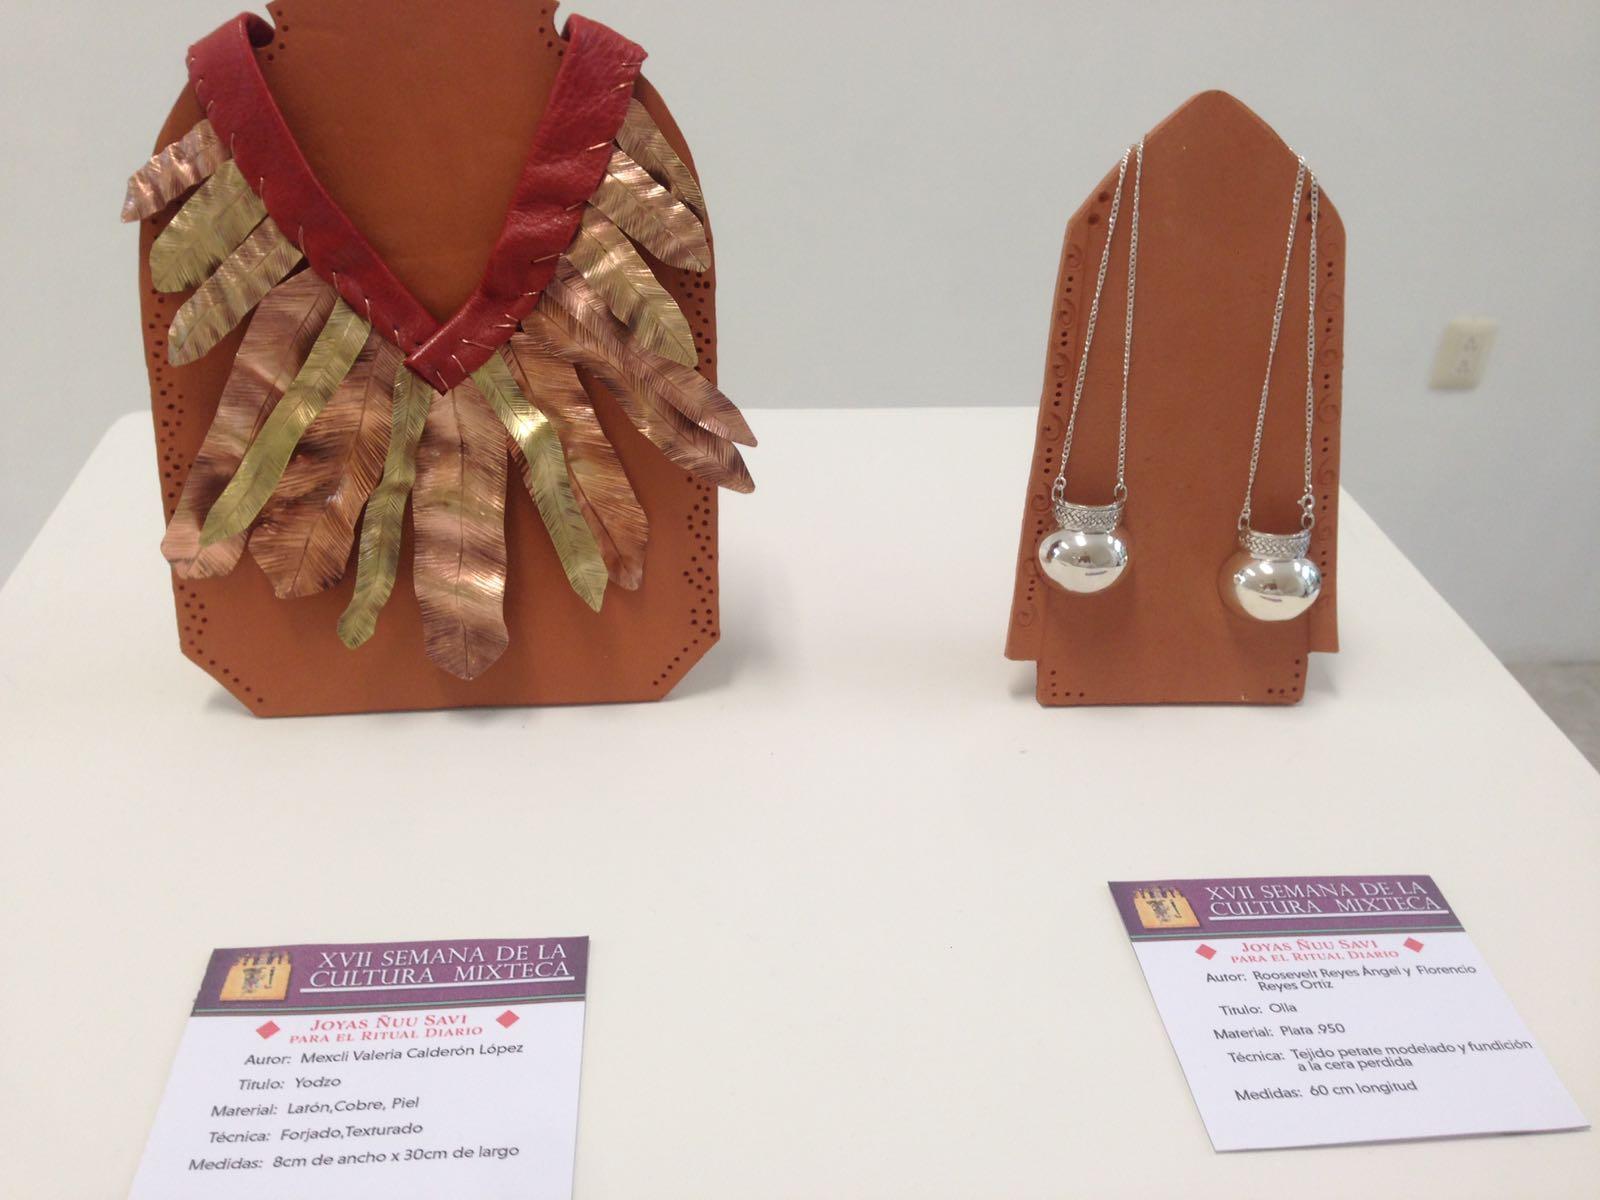 Montan joyería y orfebrería de simbología mixteca